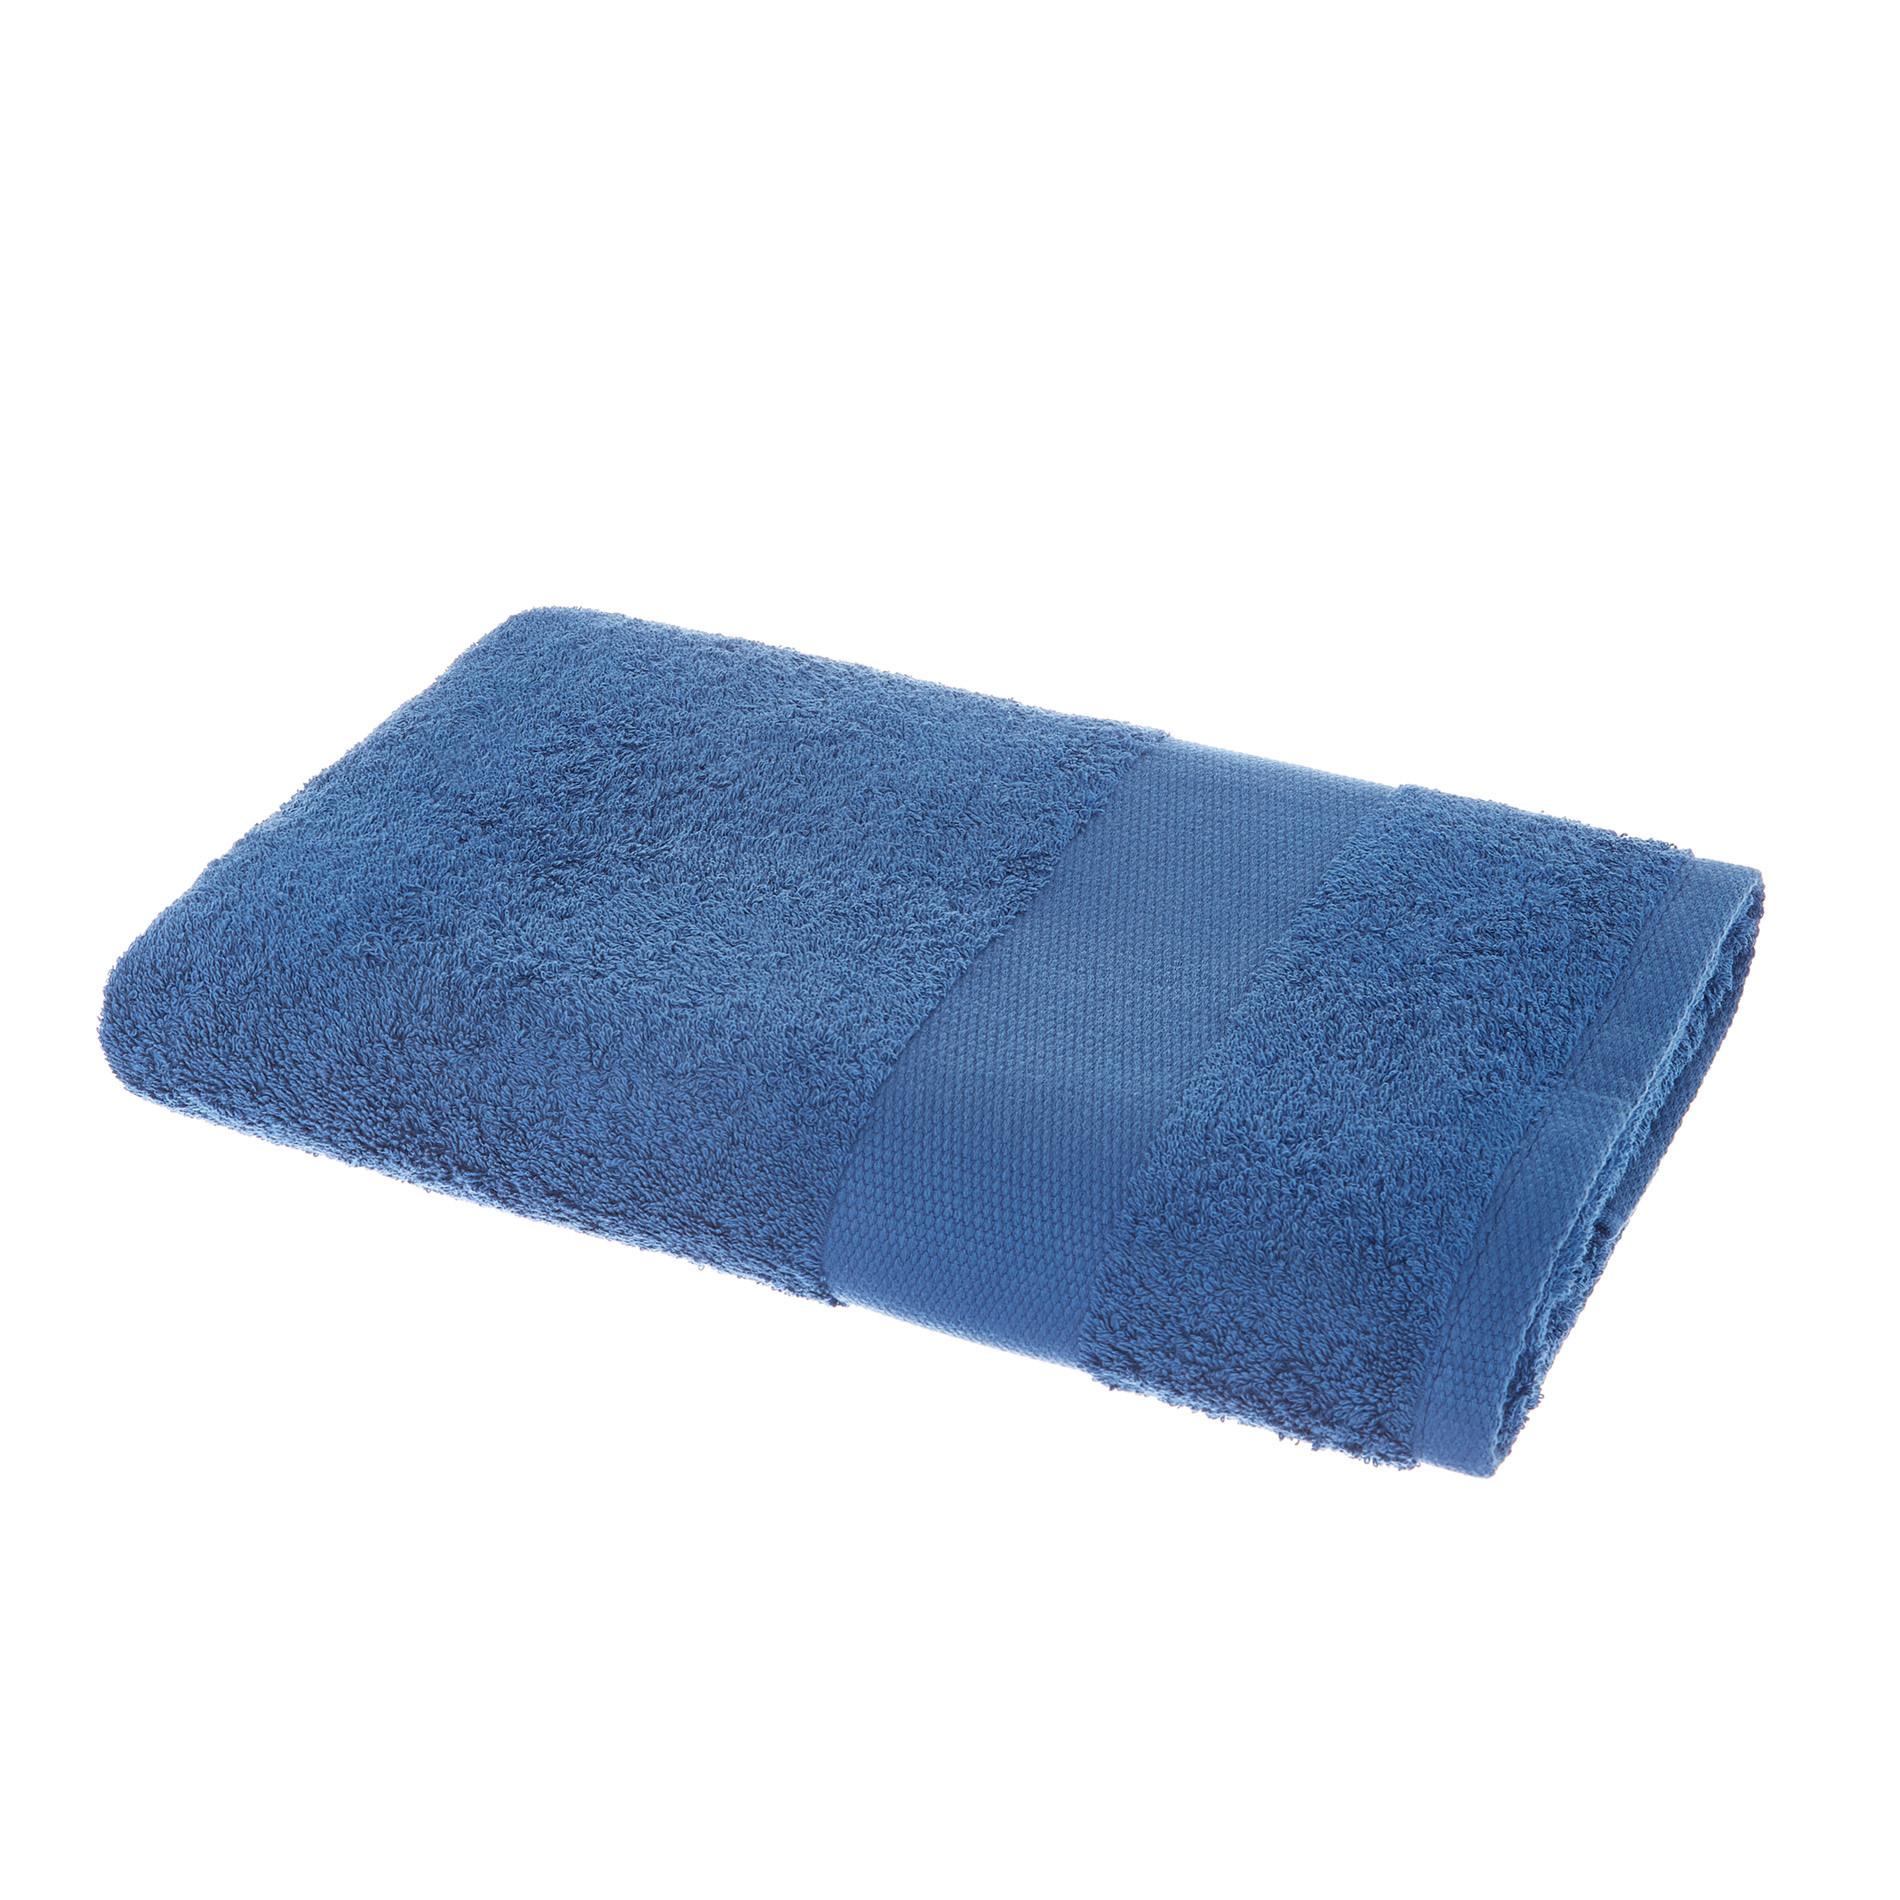 Asciugamano spugna di puro cotone Zefiro, Blu bluette, large image number 1